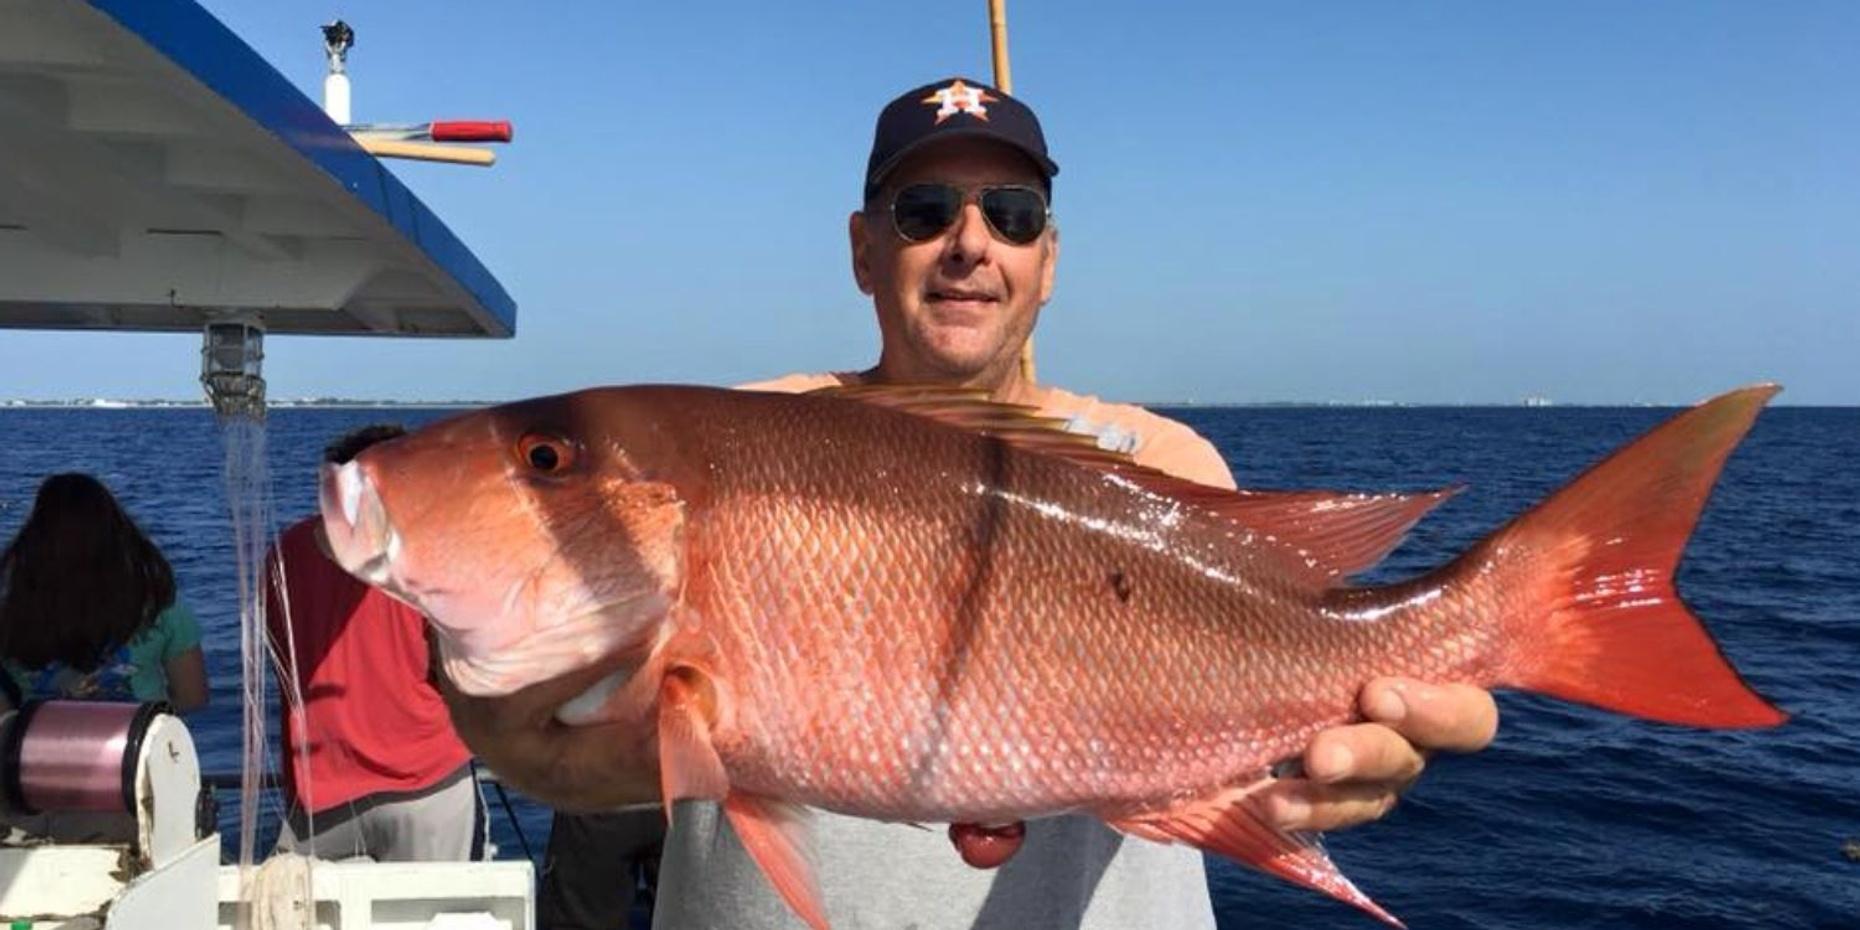 Morning Fishing Trip at Riviera Beach